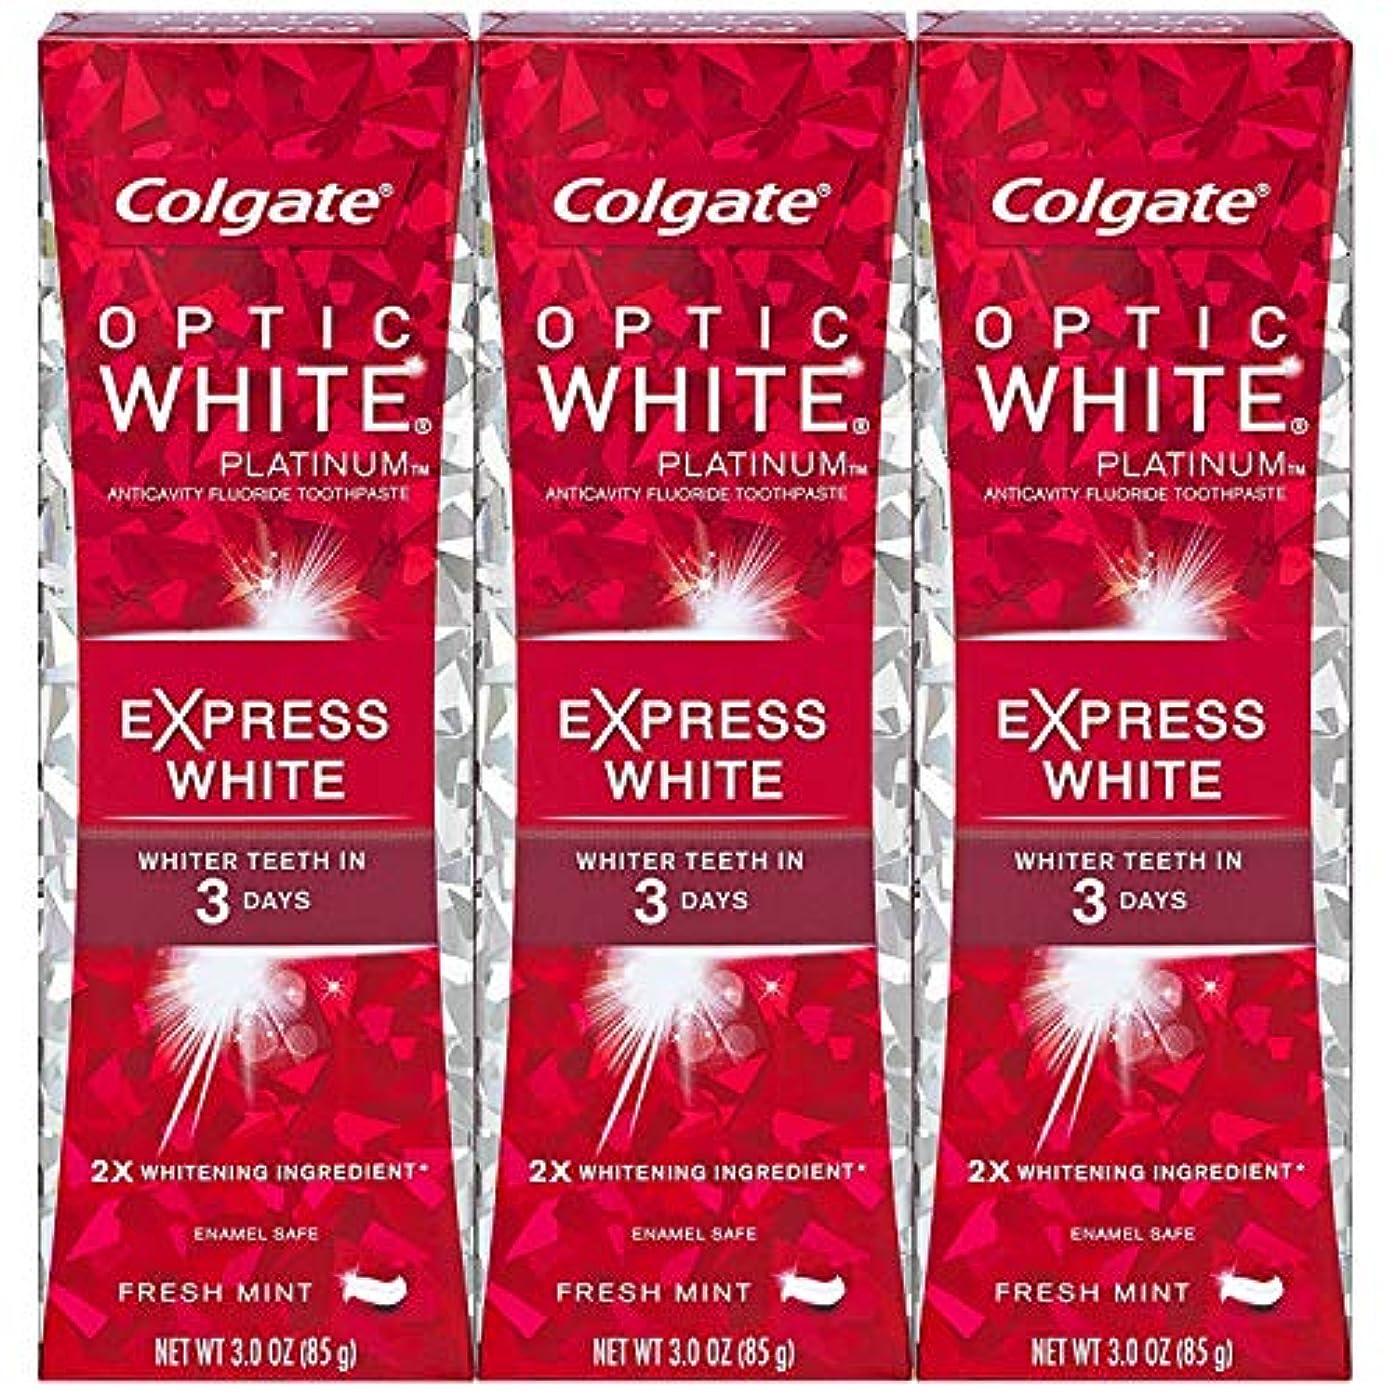 バスケットボール田舎者シンポジウムColgate オプティックホワイトプラチナエクスプレス白の歯磨き粉、フレッシュミント3オズ(3パック)